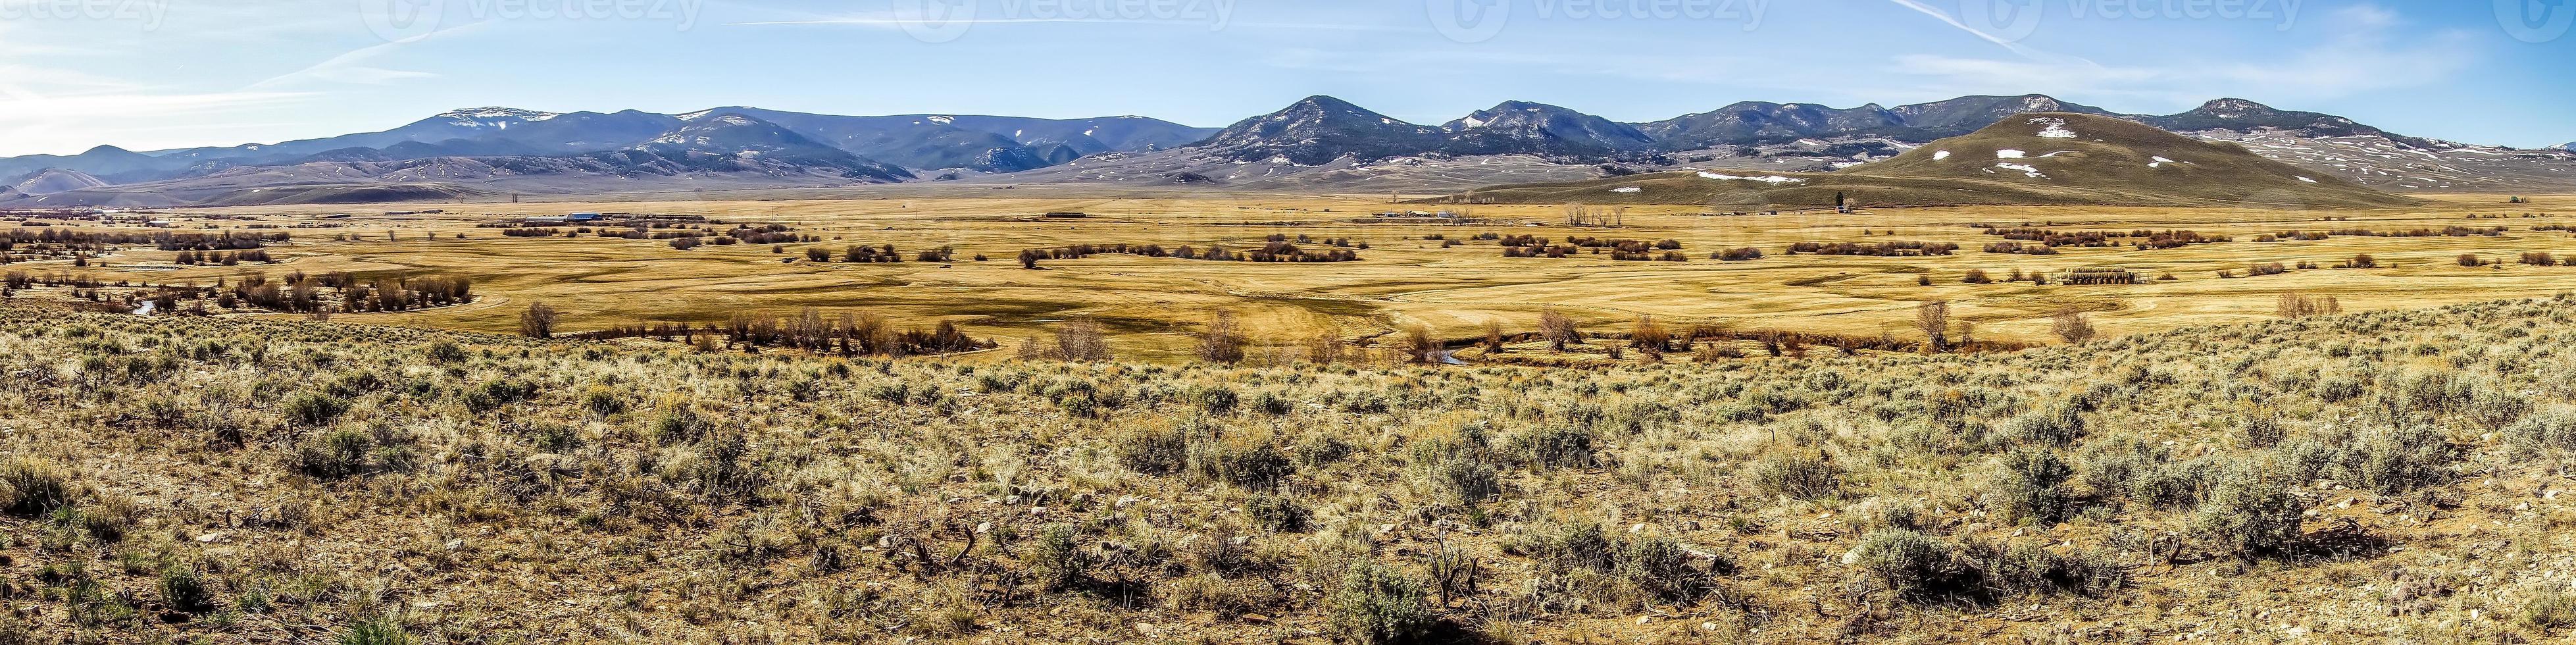 colinas de las montañas rocosas de colorado foto